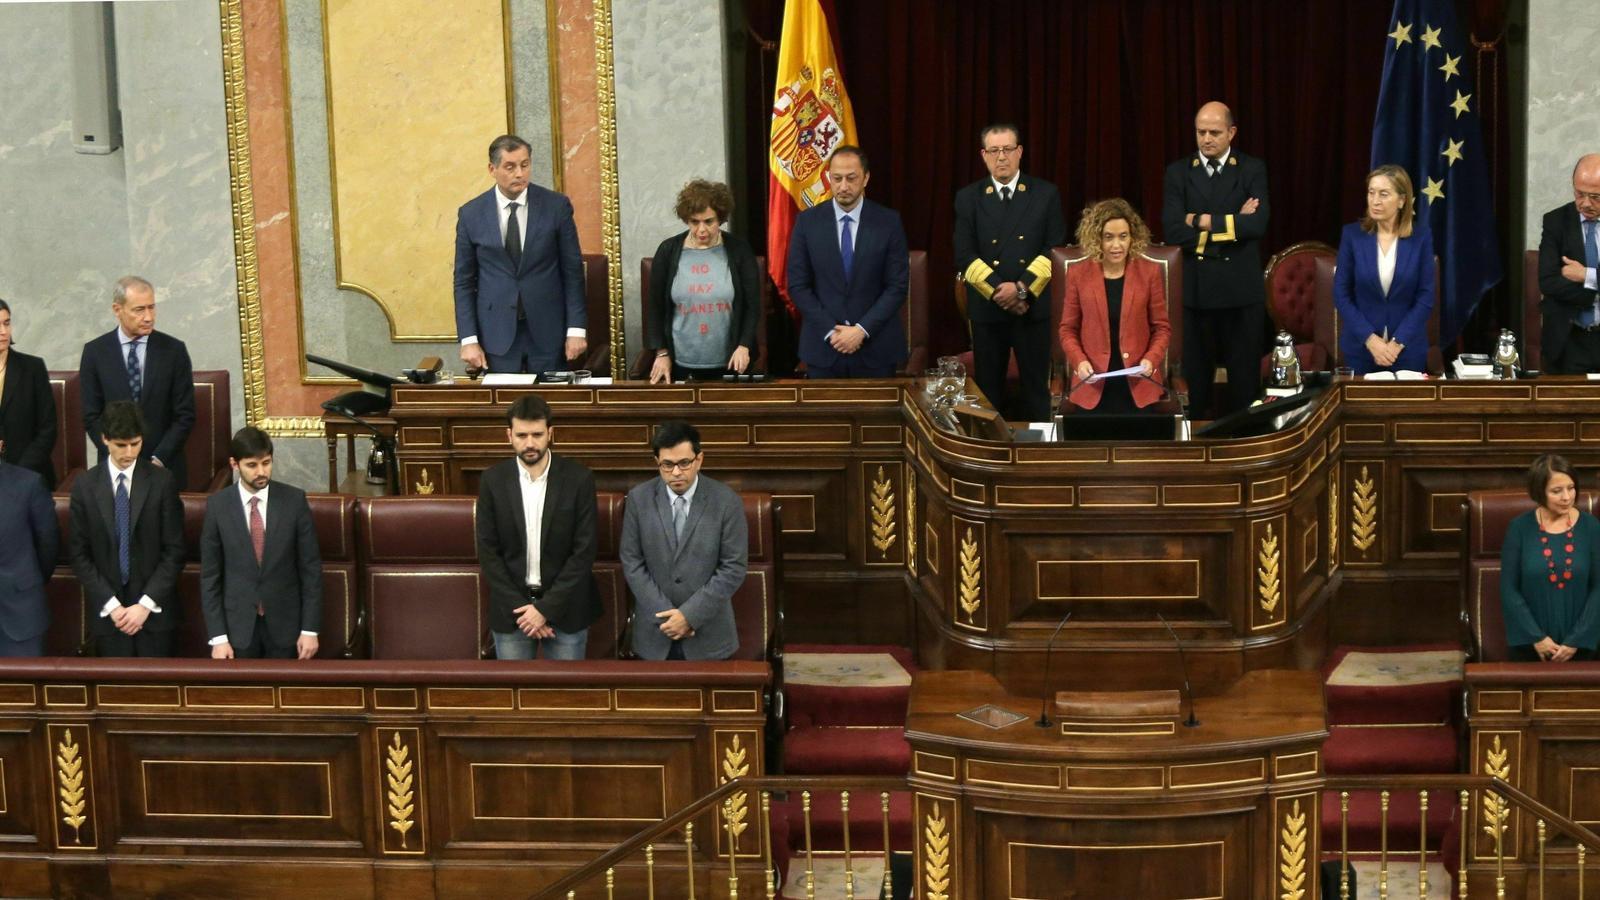 El PSOE permet l'entrada de Vox a la mesa del Congrés per assegurar-se la vicepresidència primera